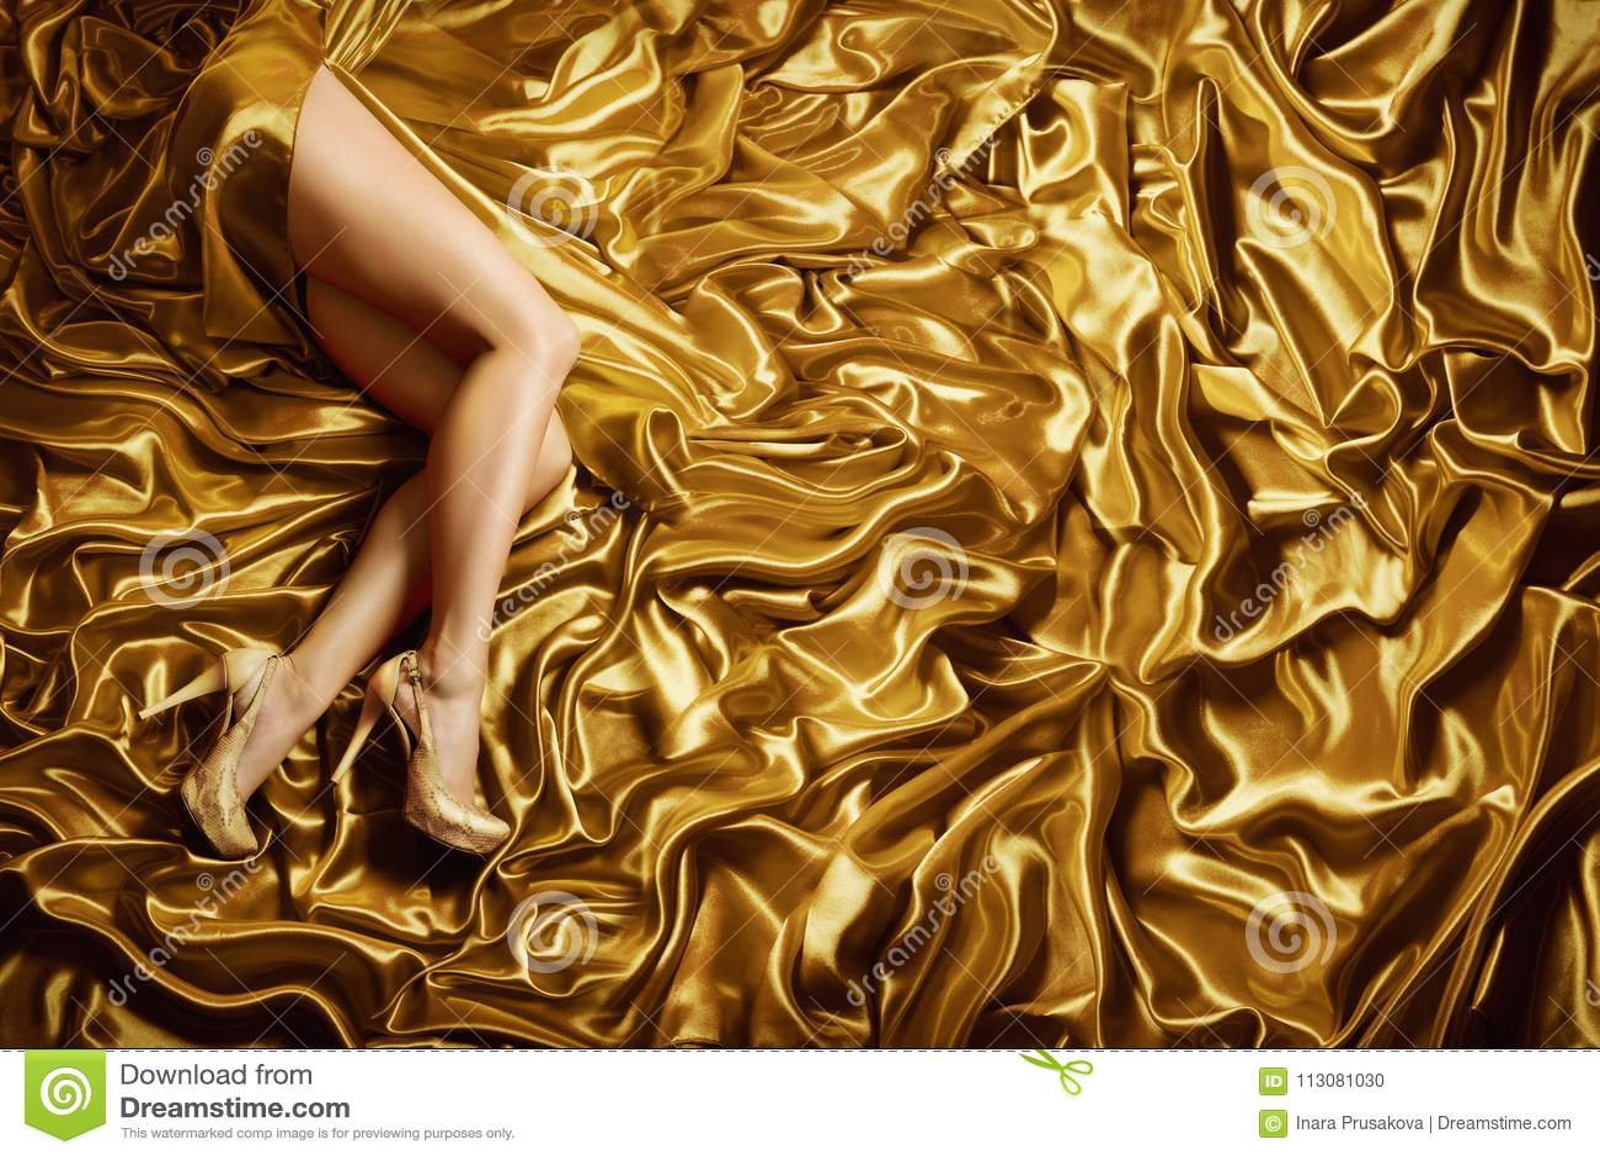 Os pés da mulher no fundo da tela de seda do ouro, formam sapatas douradas